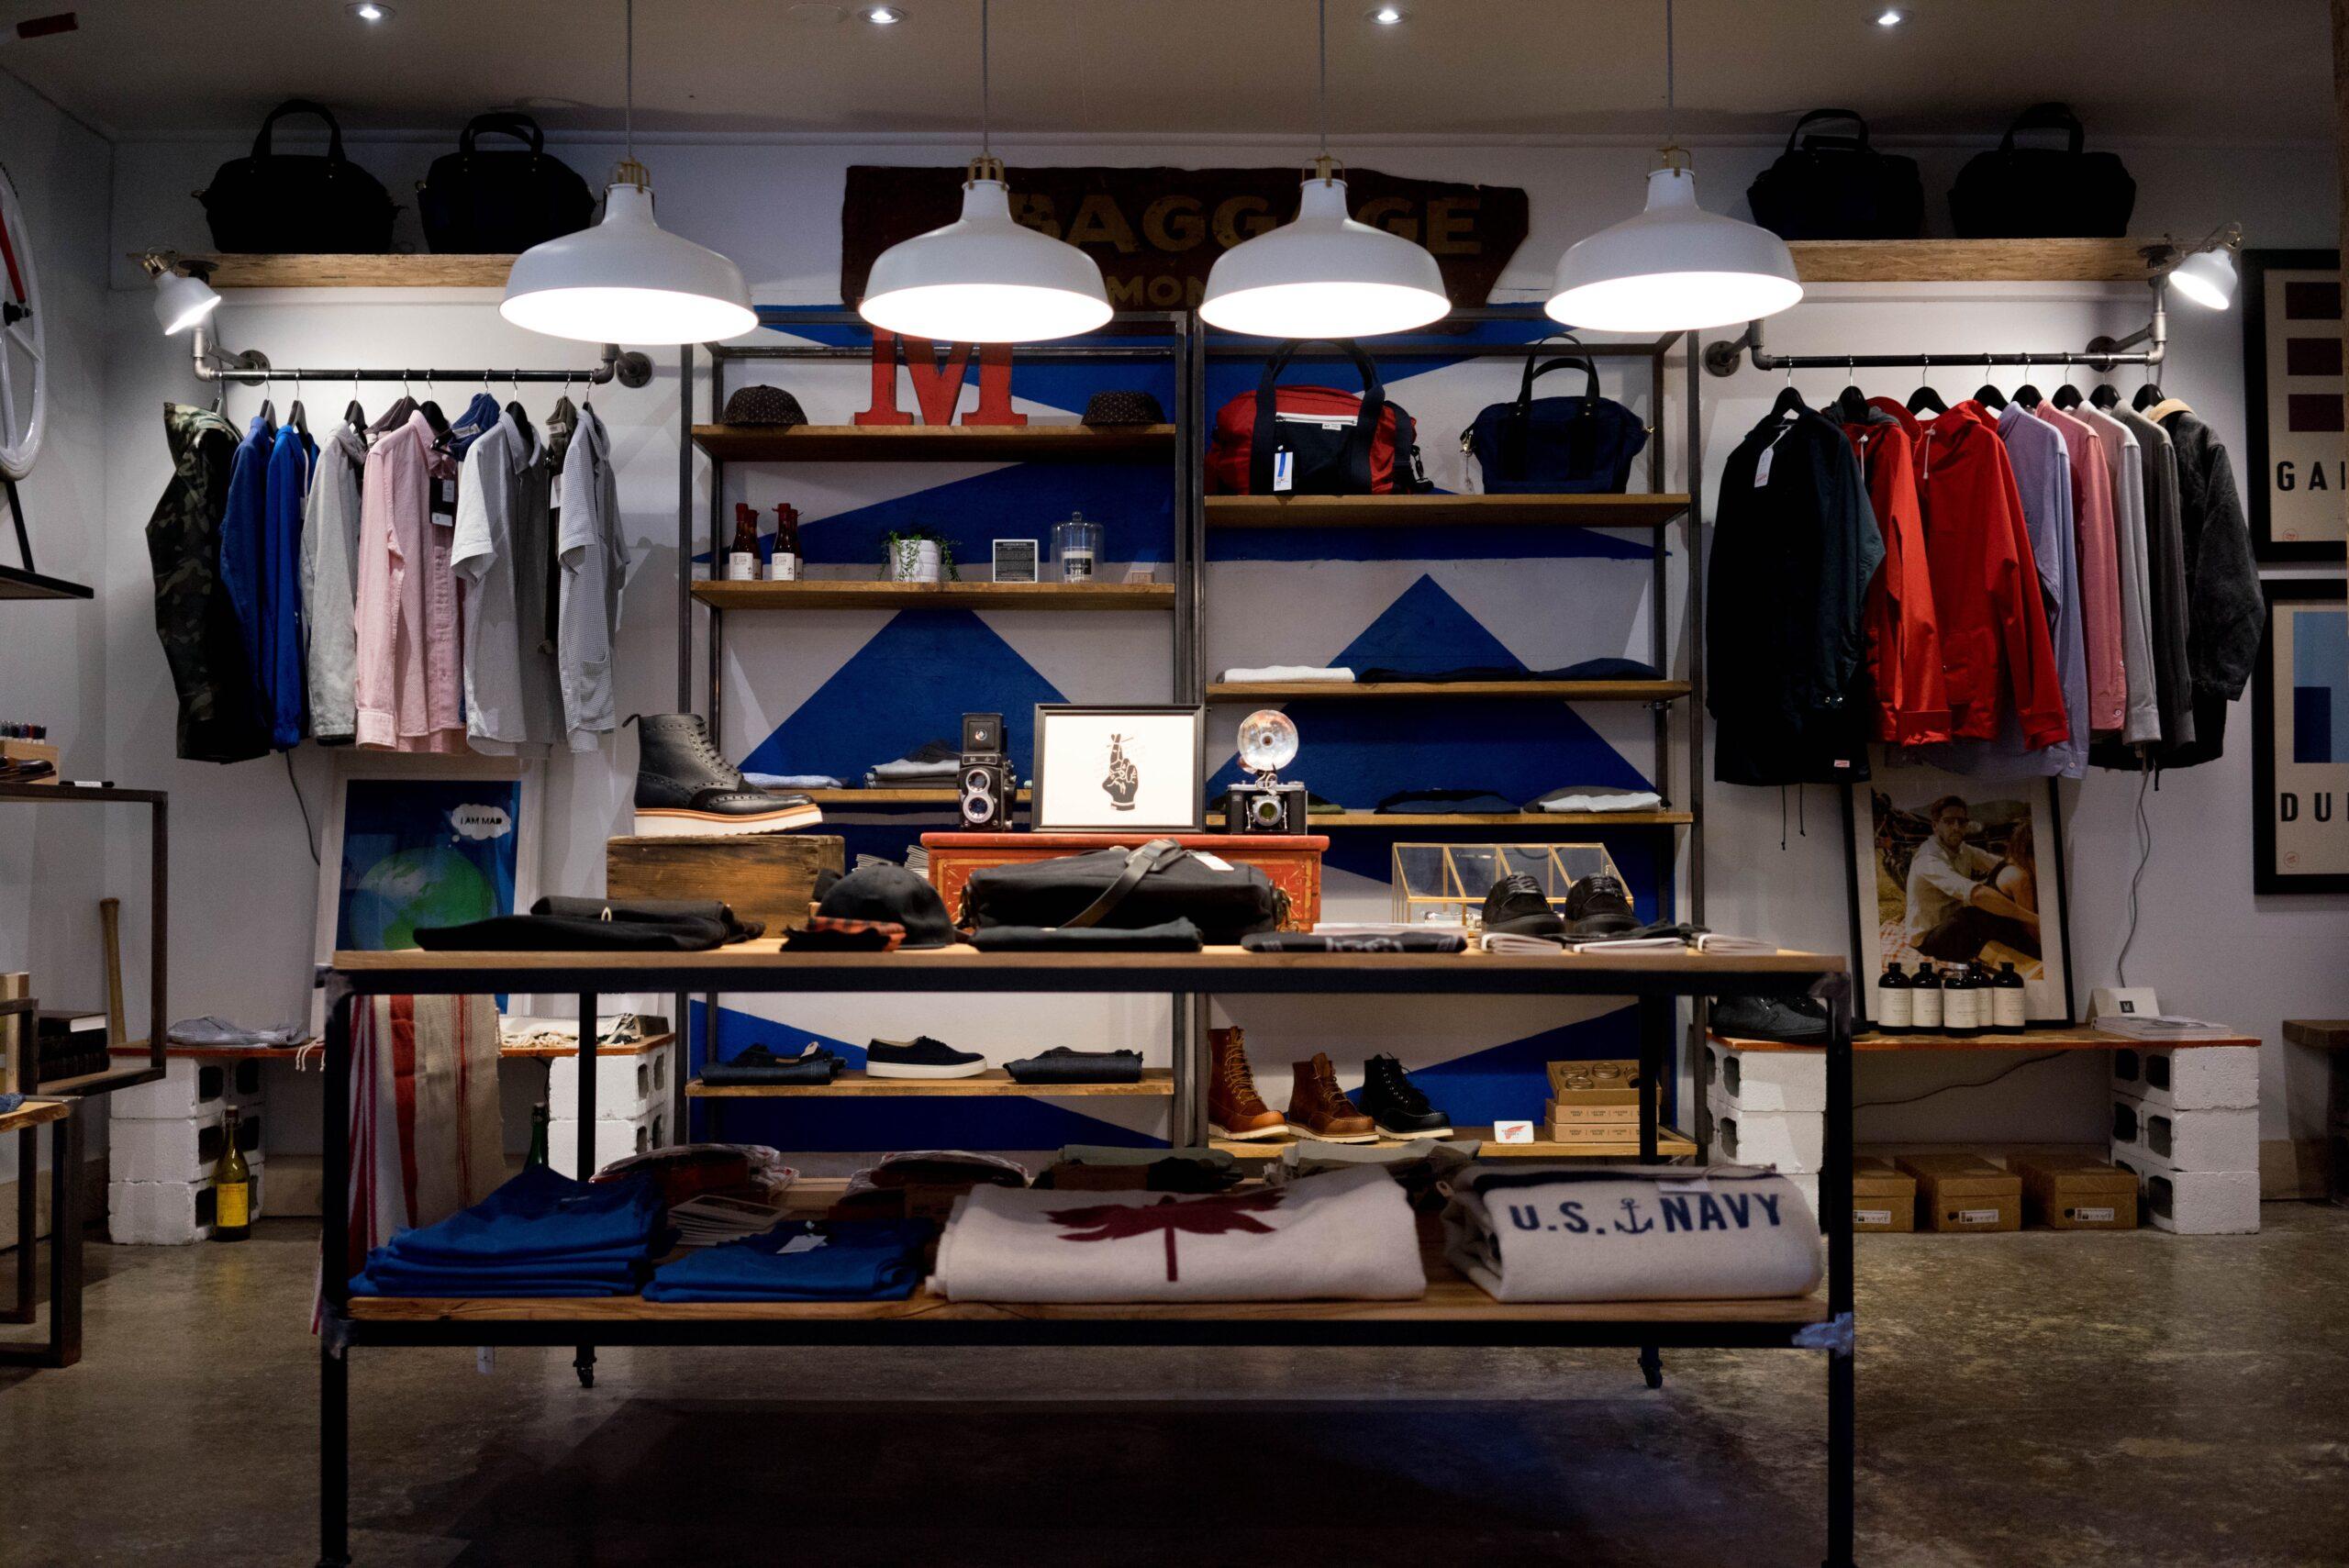 Ιδέες σχεδιασμού για καταστήματα που φέρνουν πωλήσεις